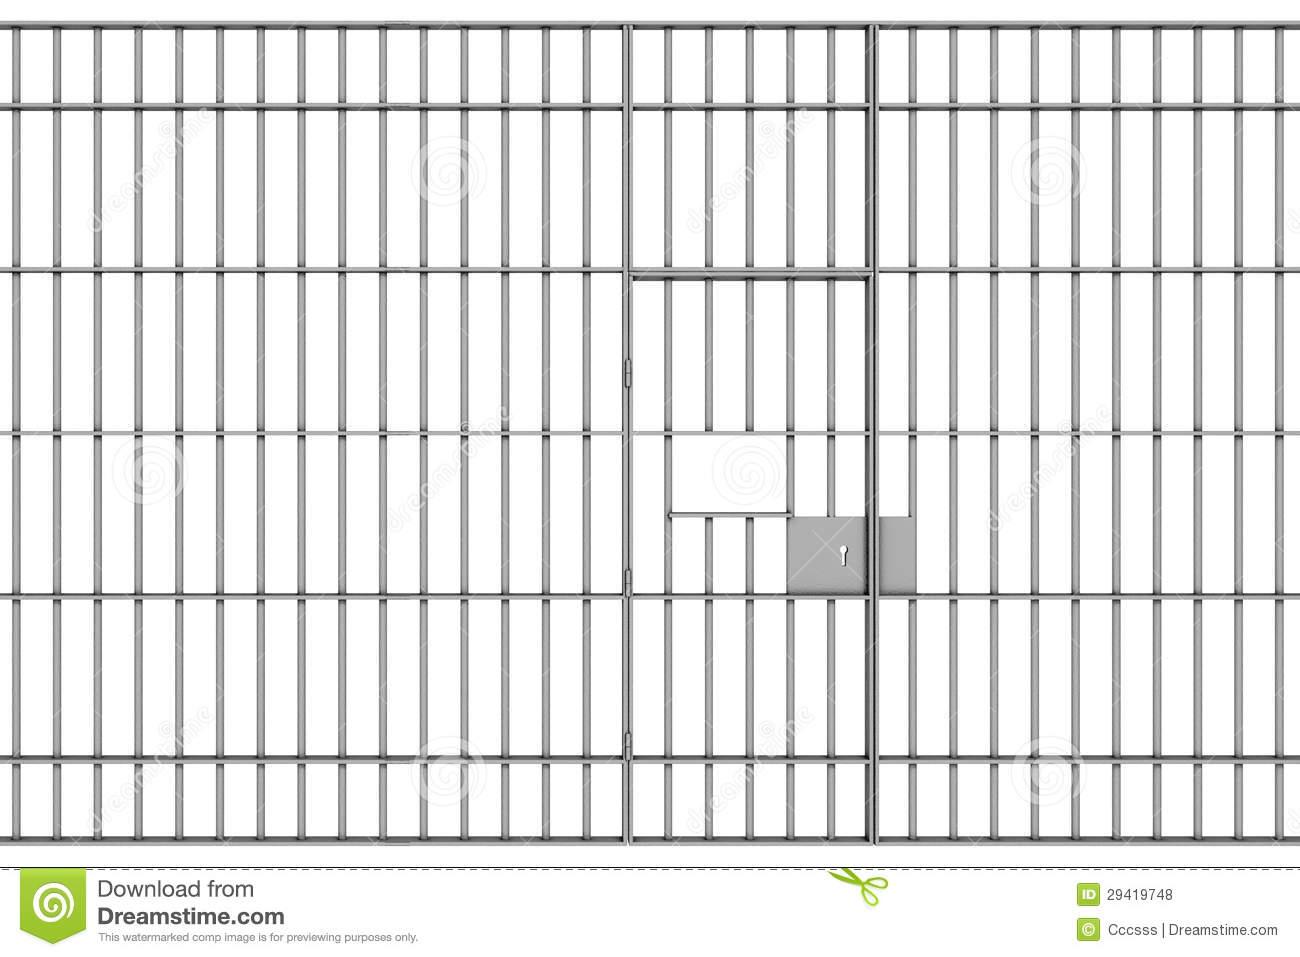 Free PNG Jail - 49130